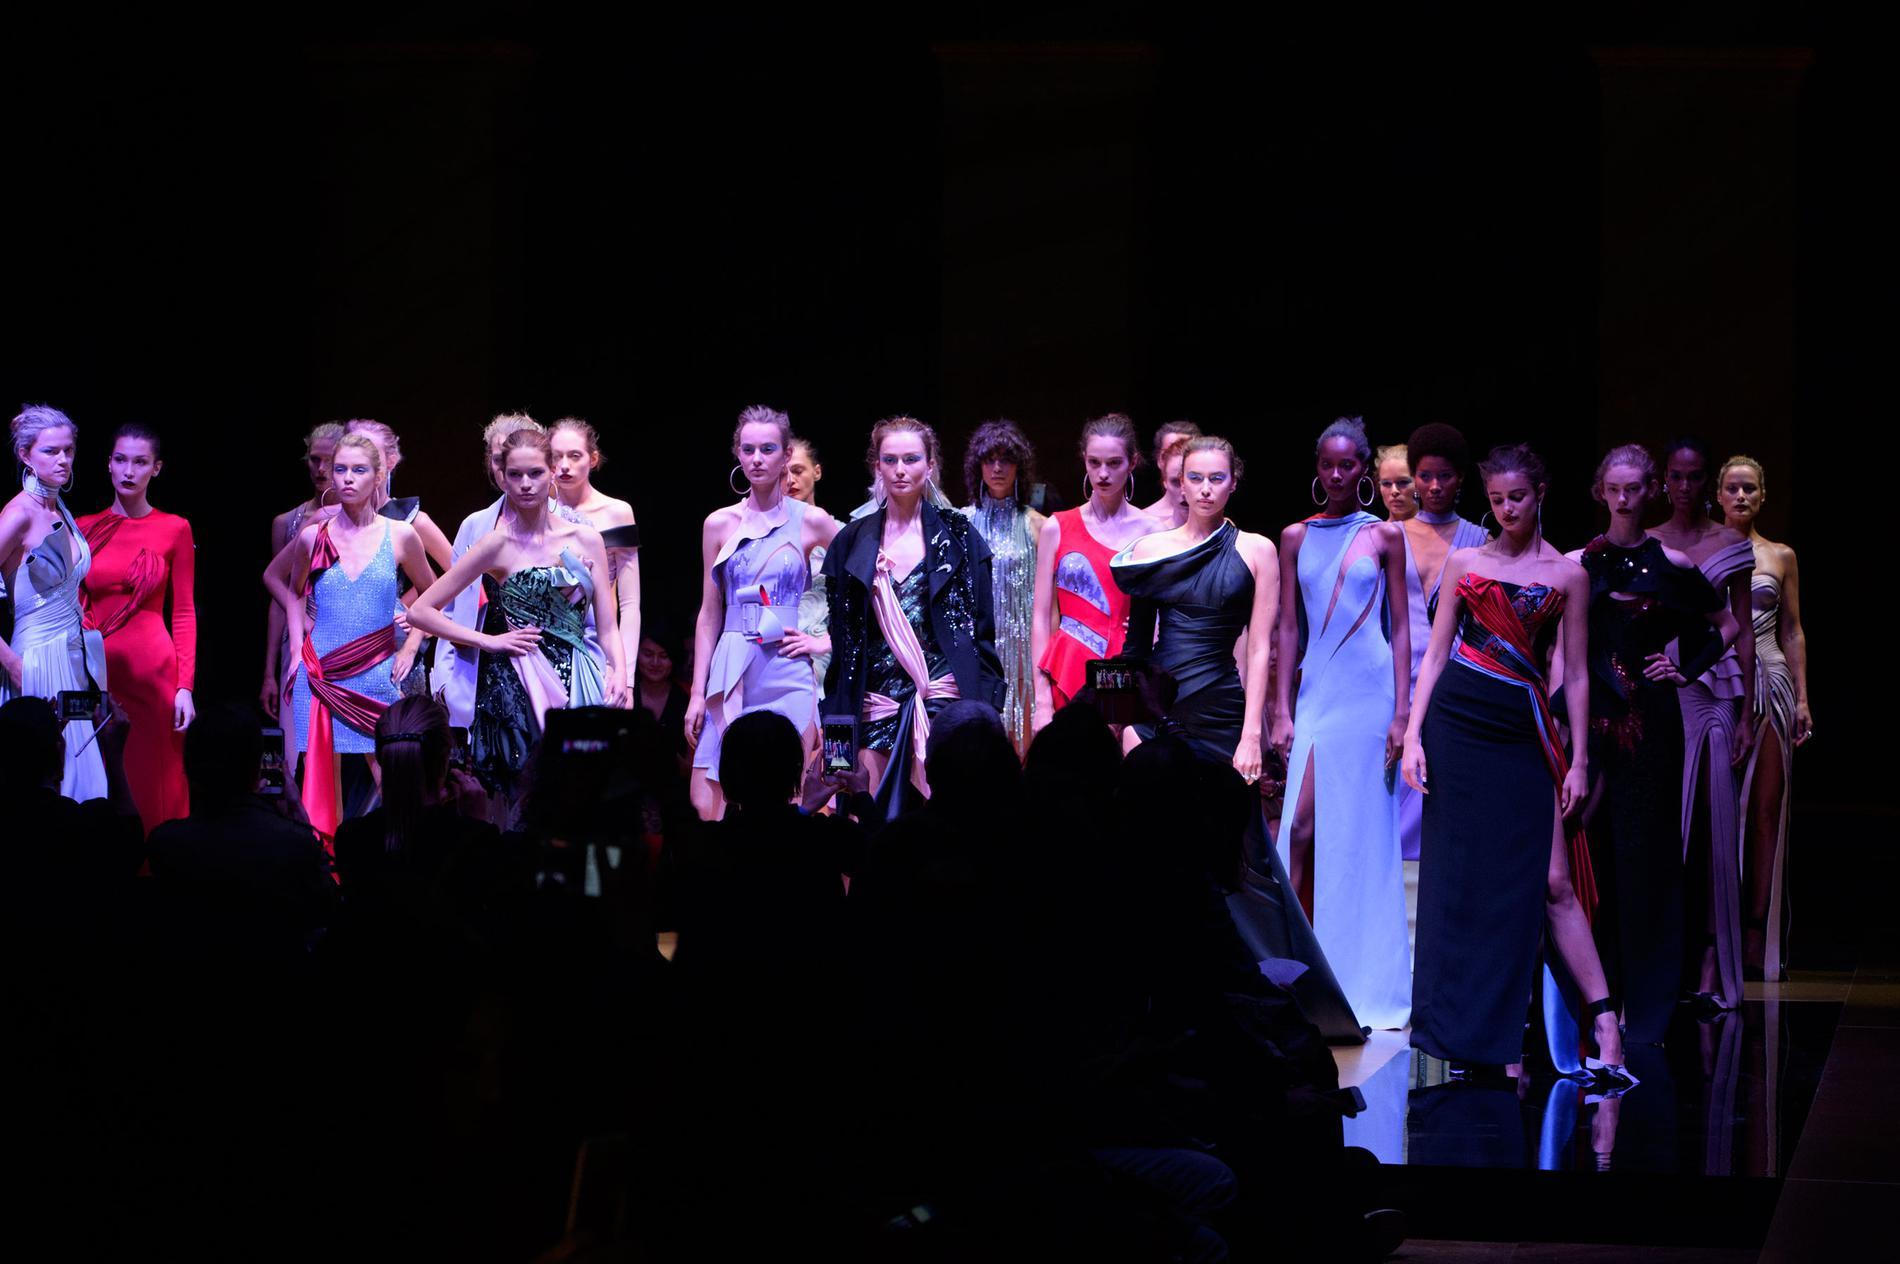 defile-atelier-versace-automne-hiver-2016-2017-paris-look-42